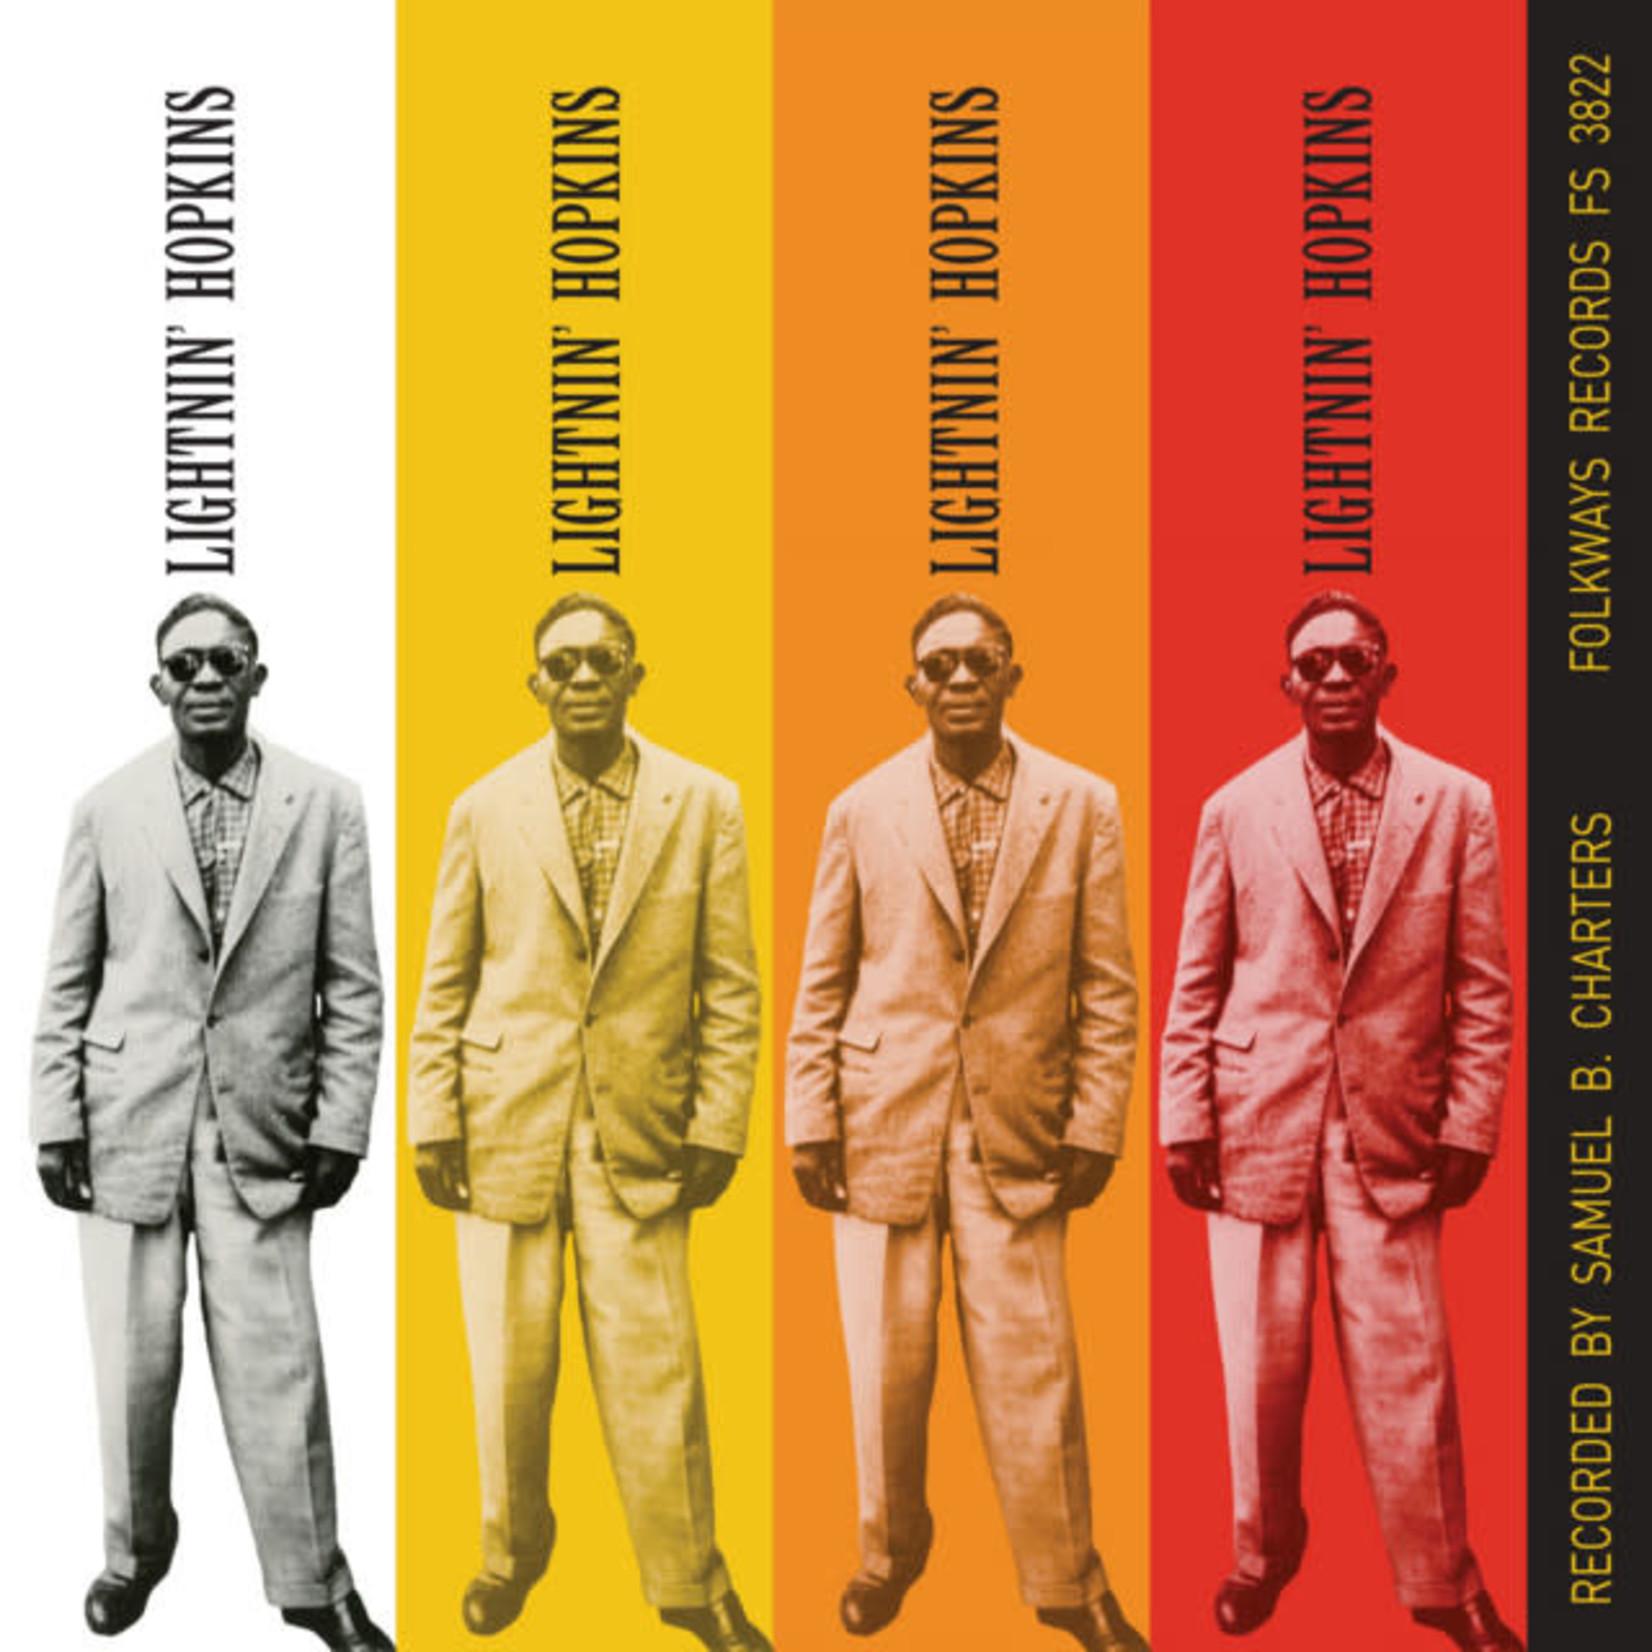 Vinyl Lightnin' Hopkins - S/T